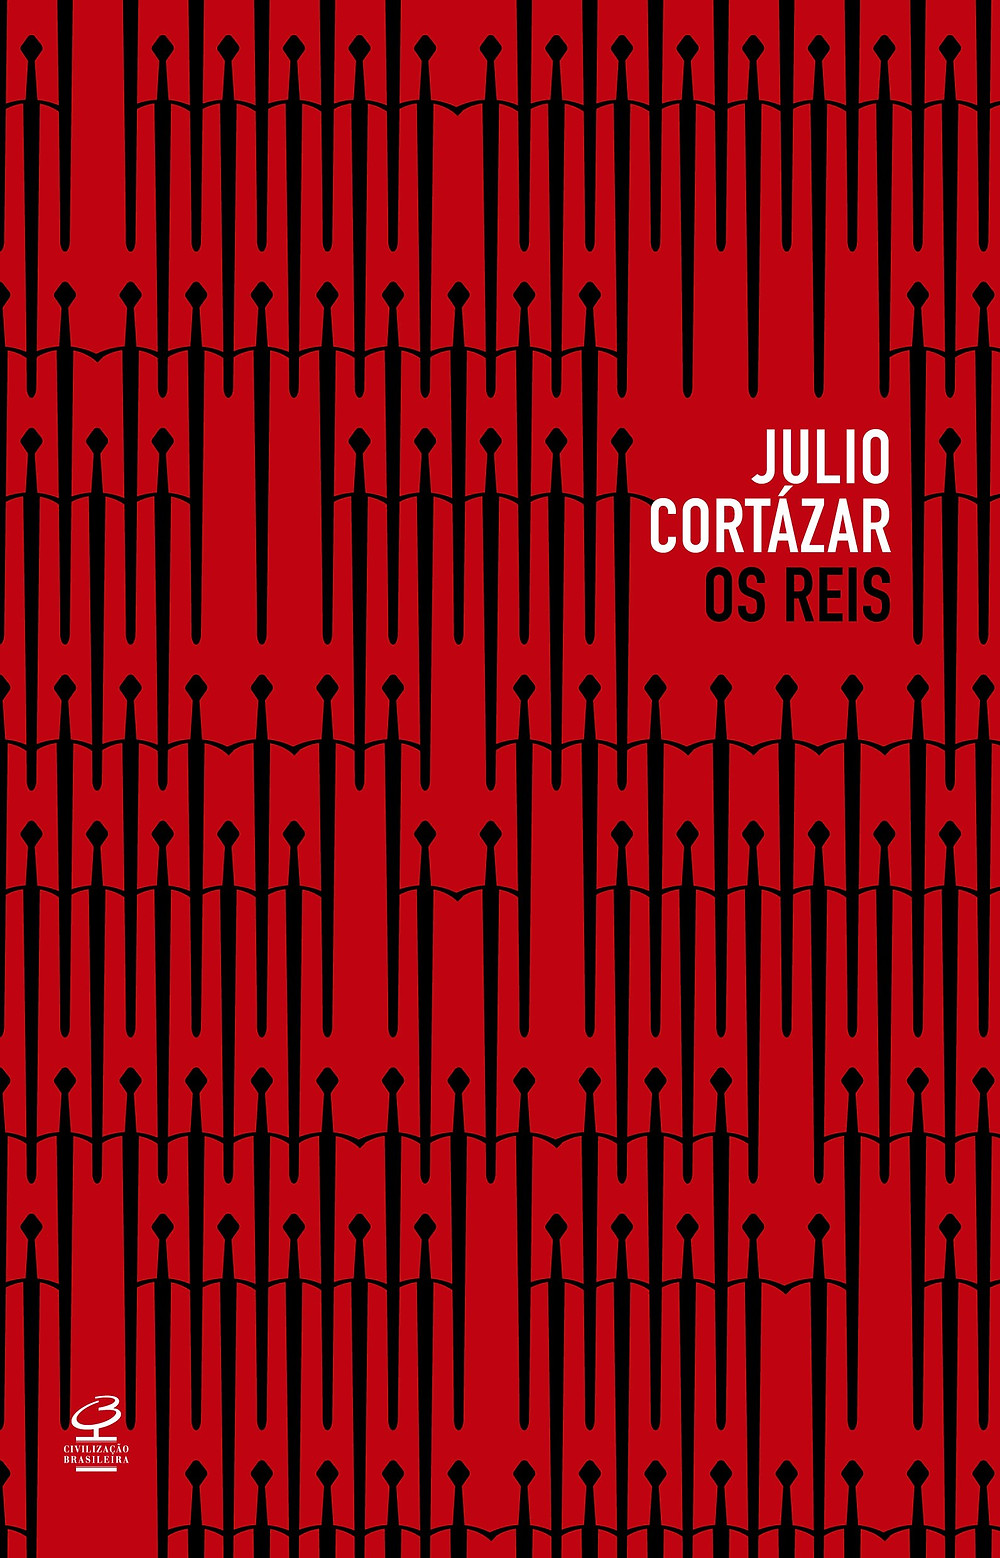 Os Reis é o livro de Julio Cortázar que foi publicado em 1949